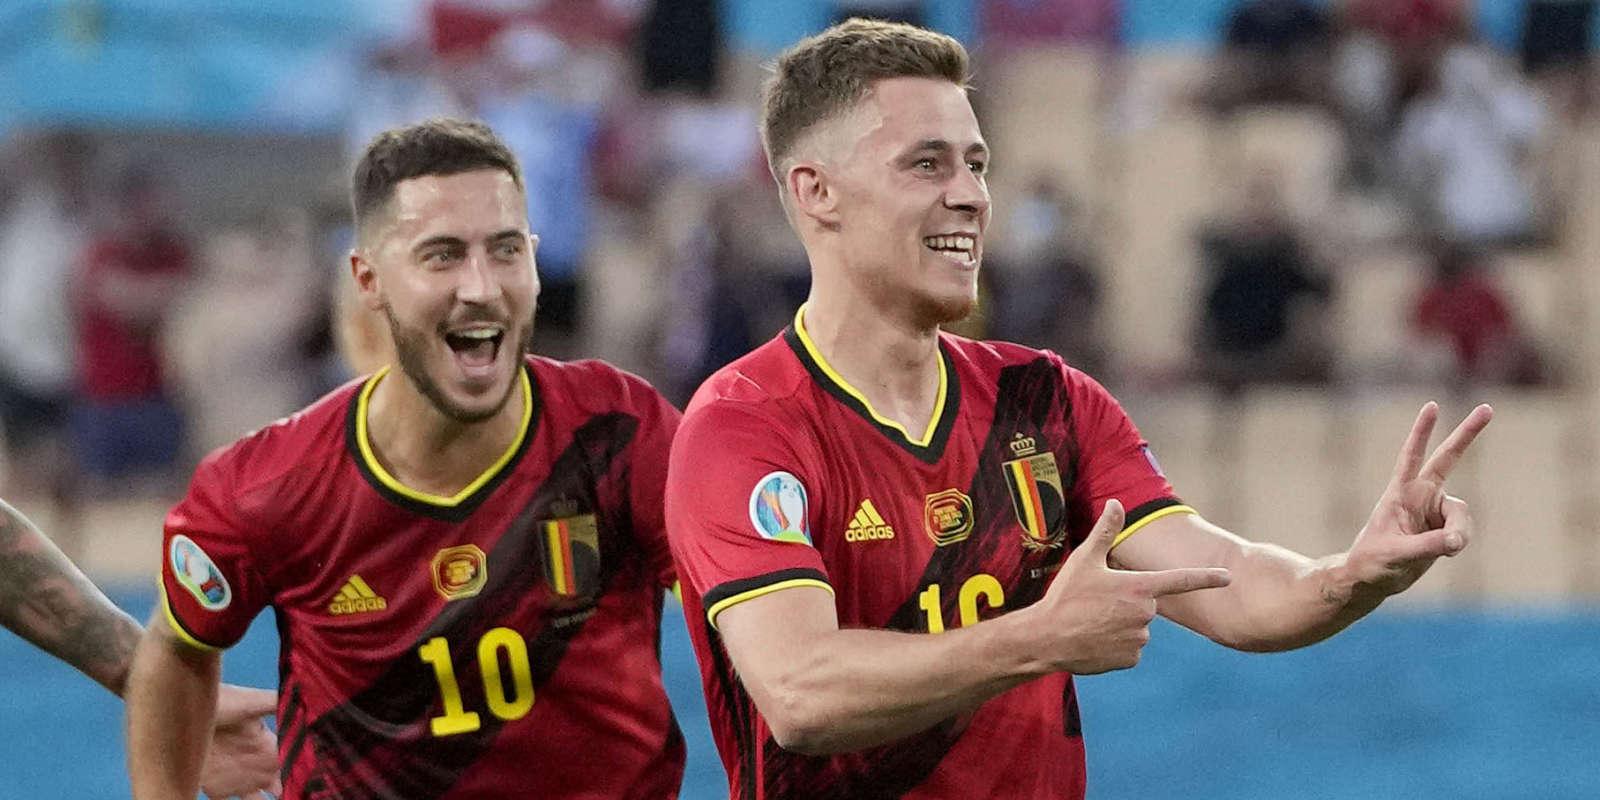 Eden Hazard et Thorgan Hazard fêtent l'ouverture du score de l'ailier de Dortmund.